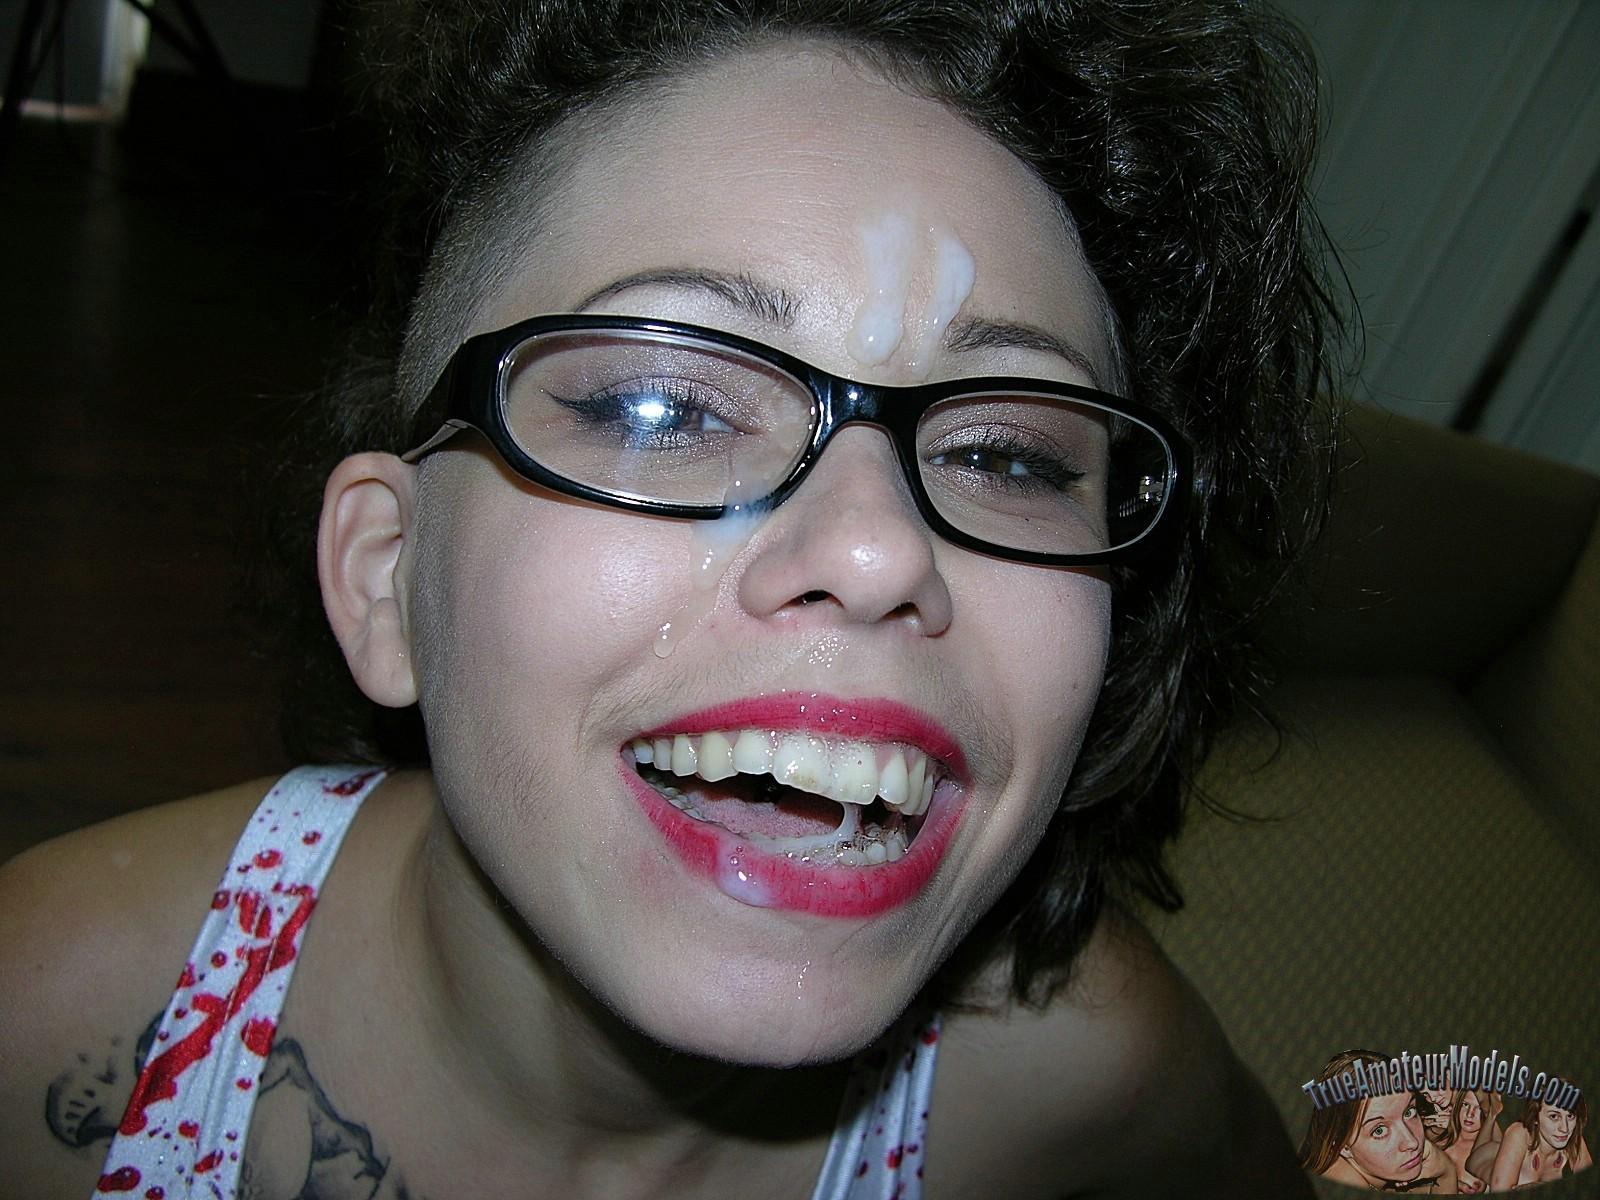 Телка с алыми губами взяла на рот без всяких проблем, обкончали даже лоб и очки